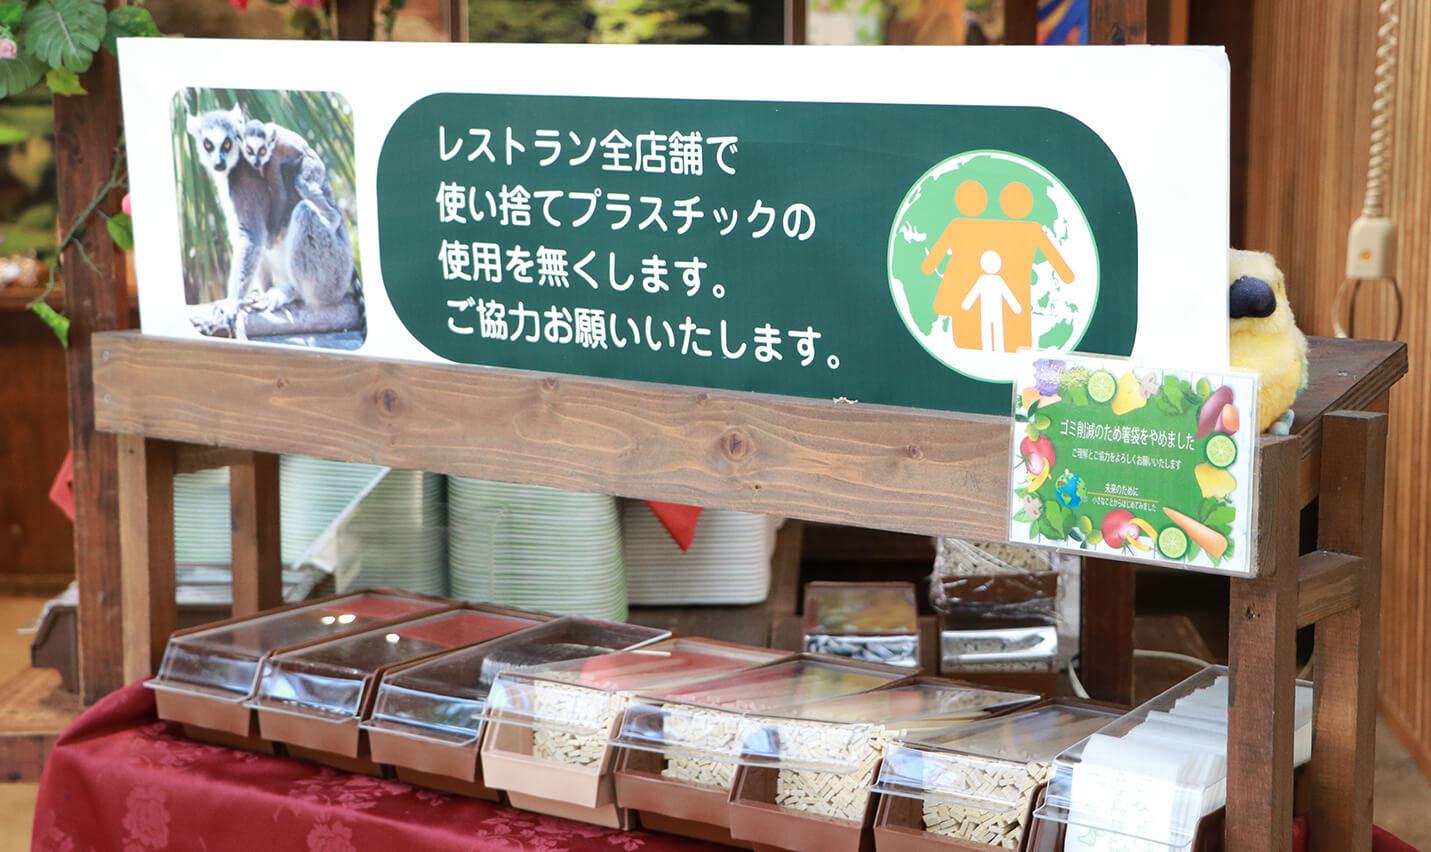 レストラン全店舗で使い捨てプラスチックの使用をなくします。ご協力お願いいたします。